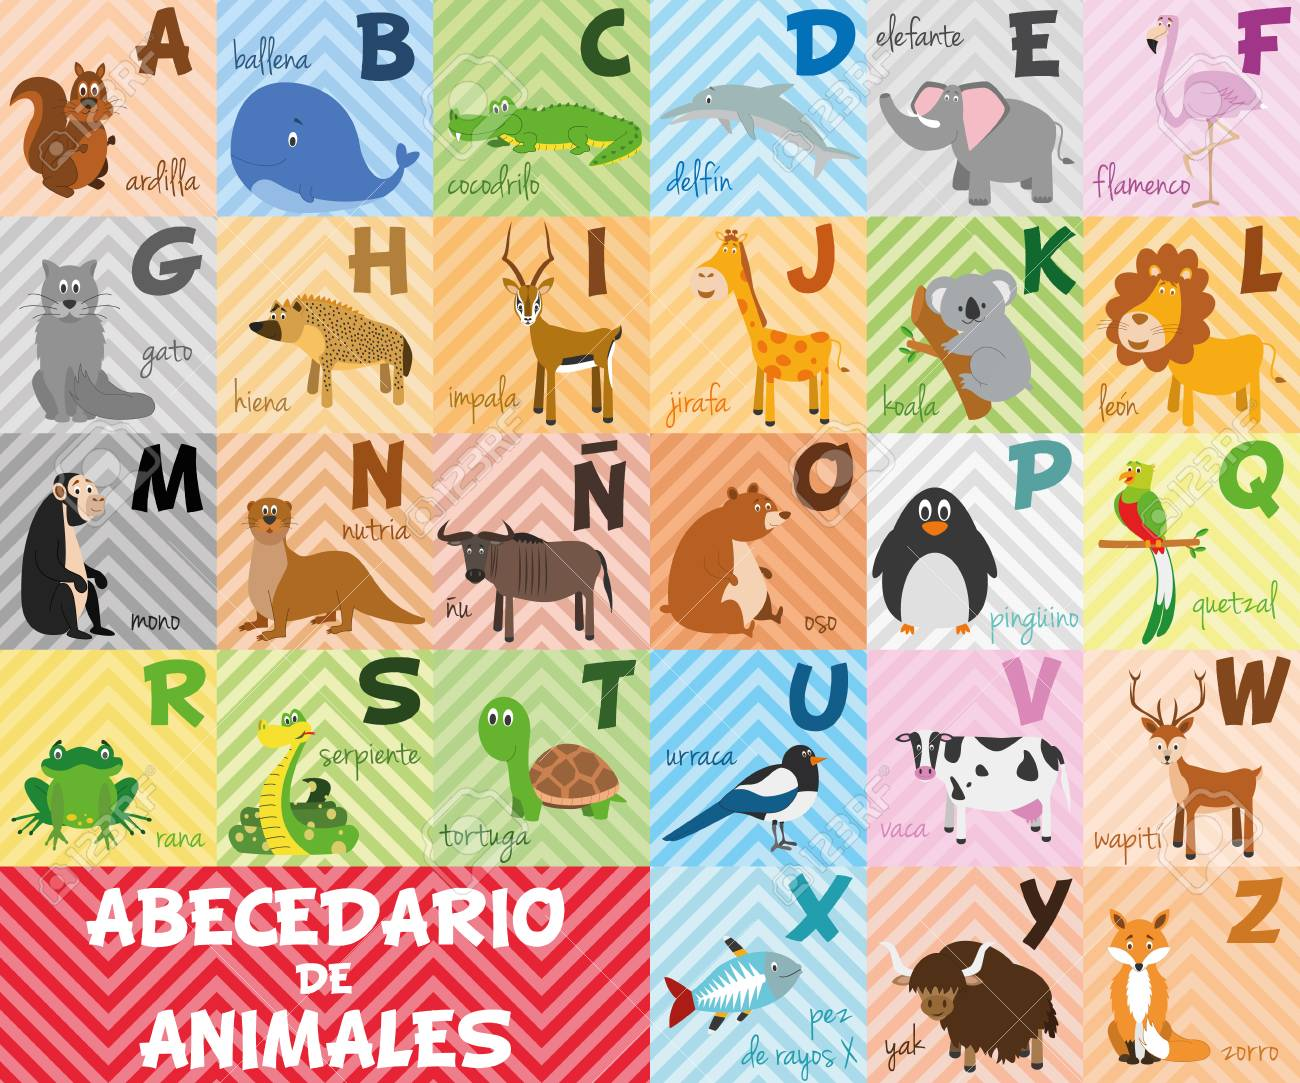 Alphabet Illustre De Zoo De Dessin Anime Mignon Avec Des Animaux